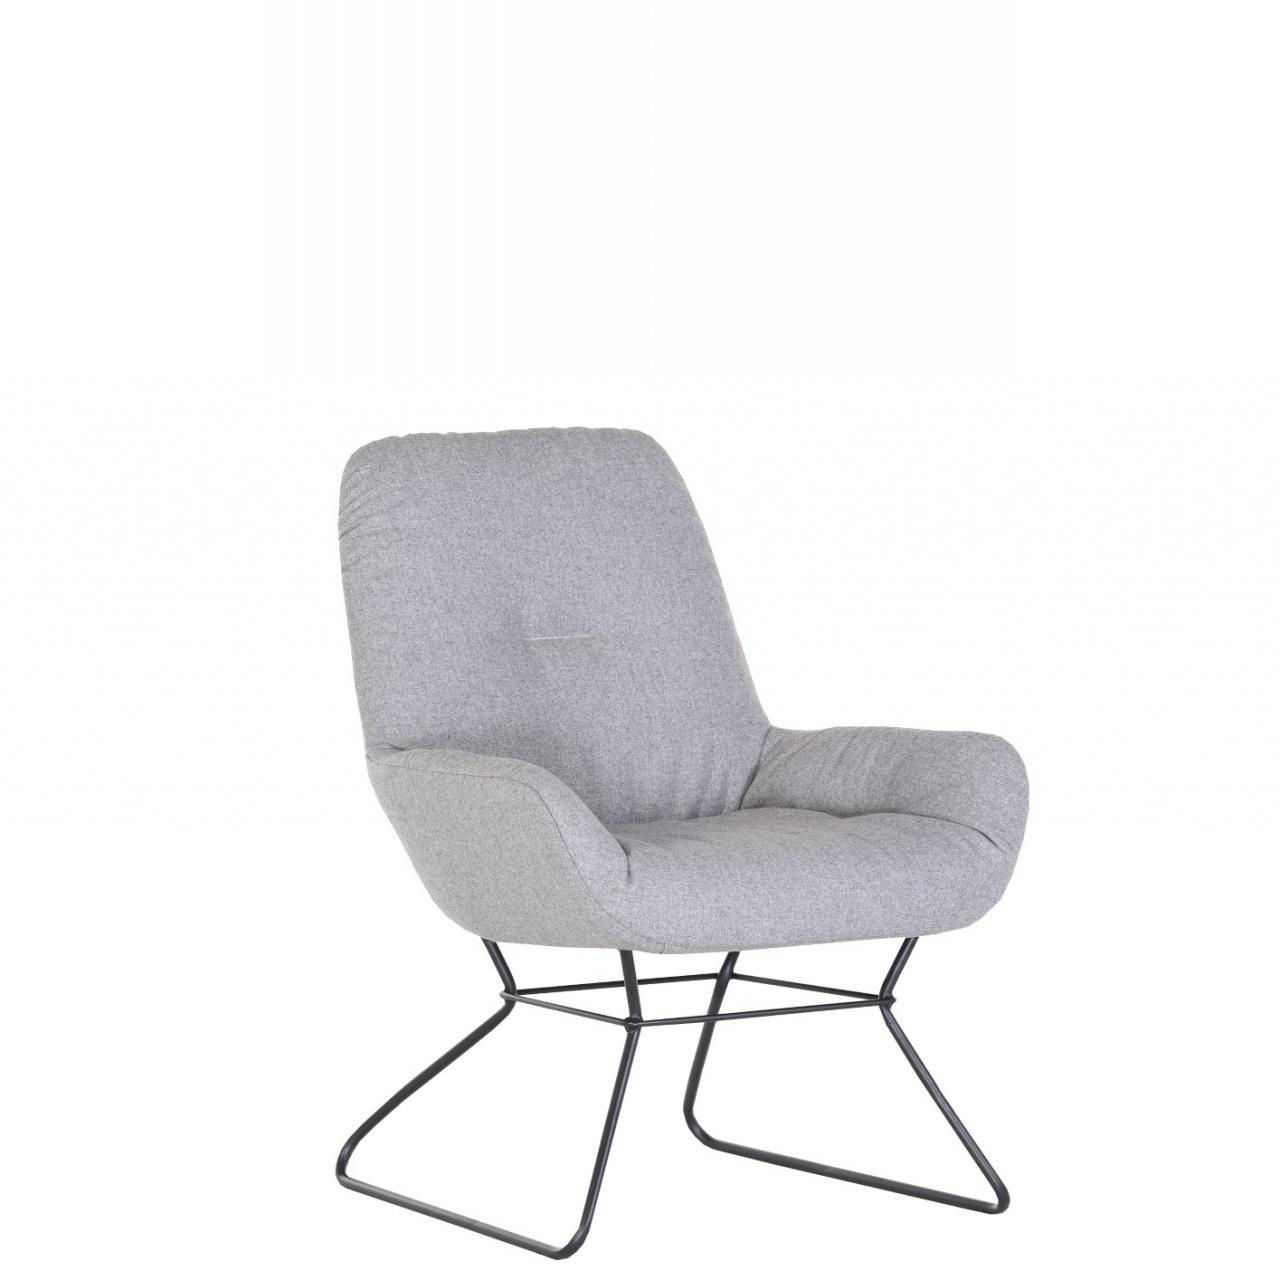 Sessel Stuhl Chill Retro Look Clubsesel Küche Esszimmer Wohnzimmer Büro 64321